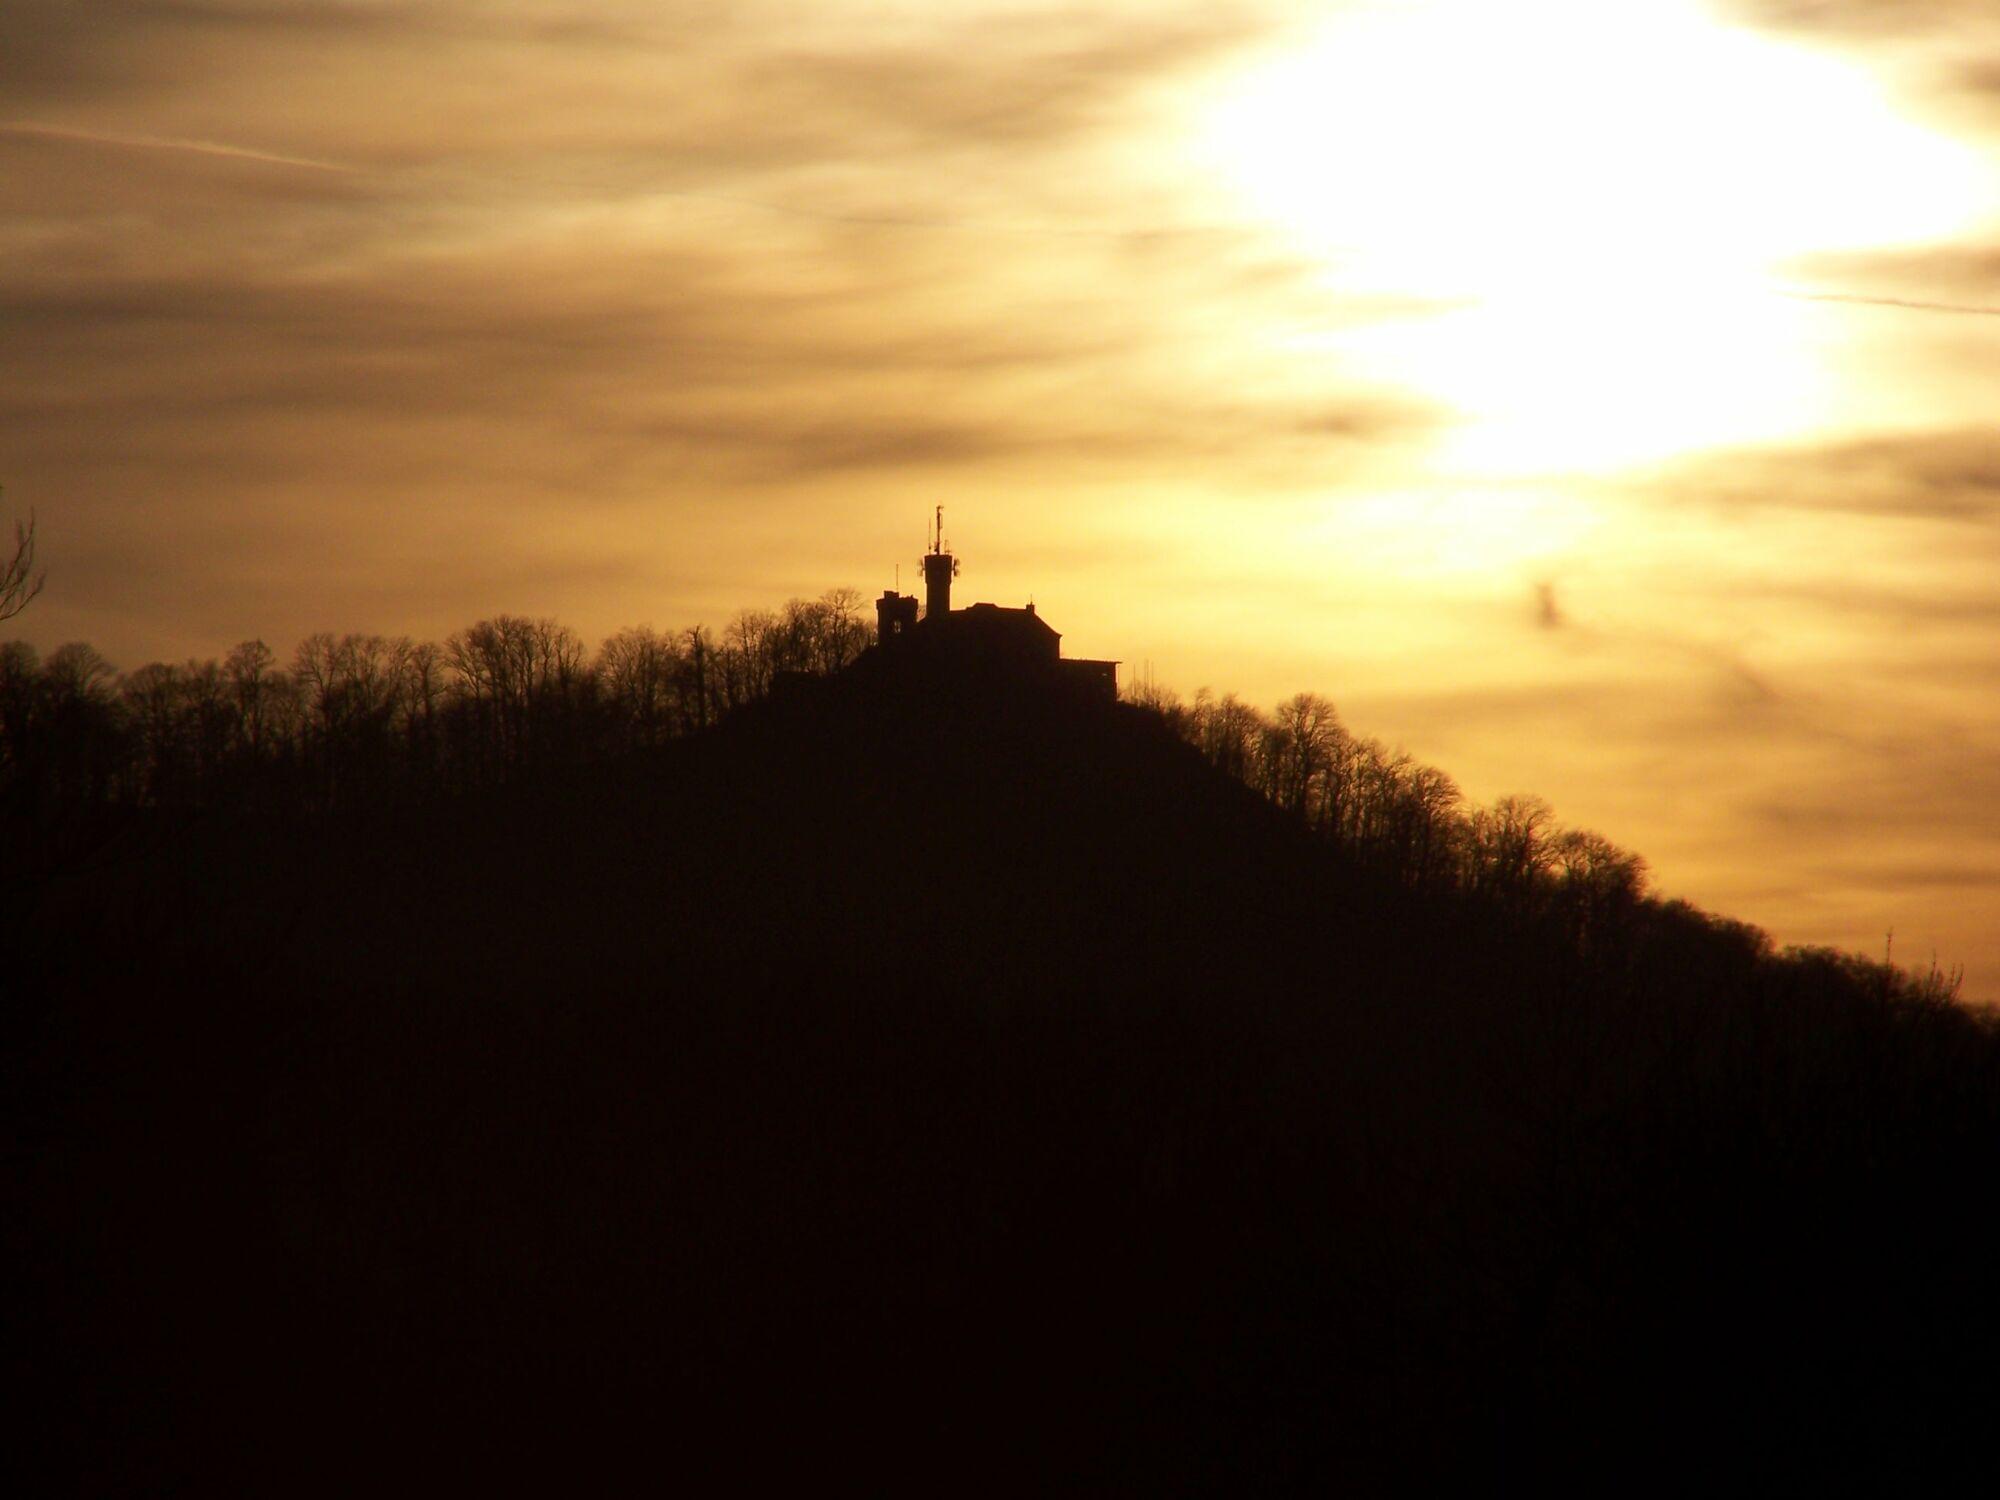 Bild mit Berge, Himmel, Sonnenuntergang, Görlitz, Landeskrone, Abendstimmung, Silhouette